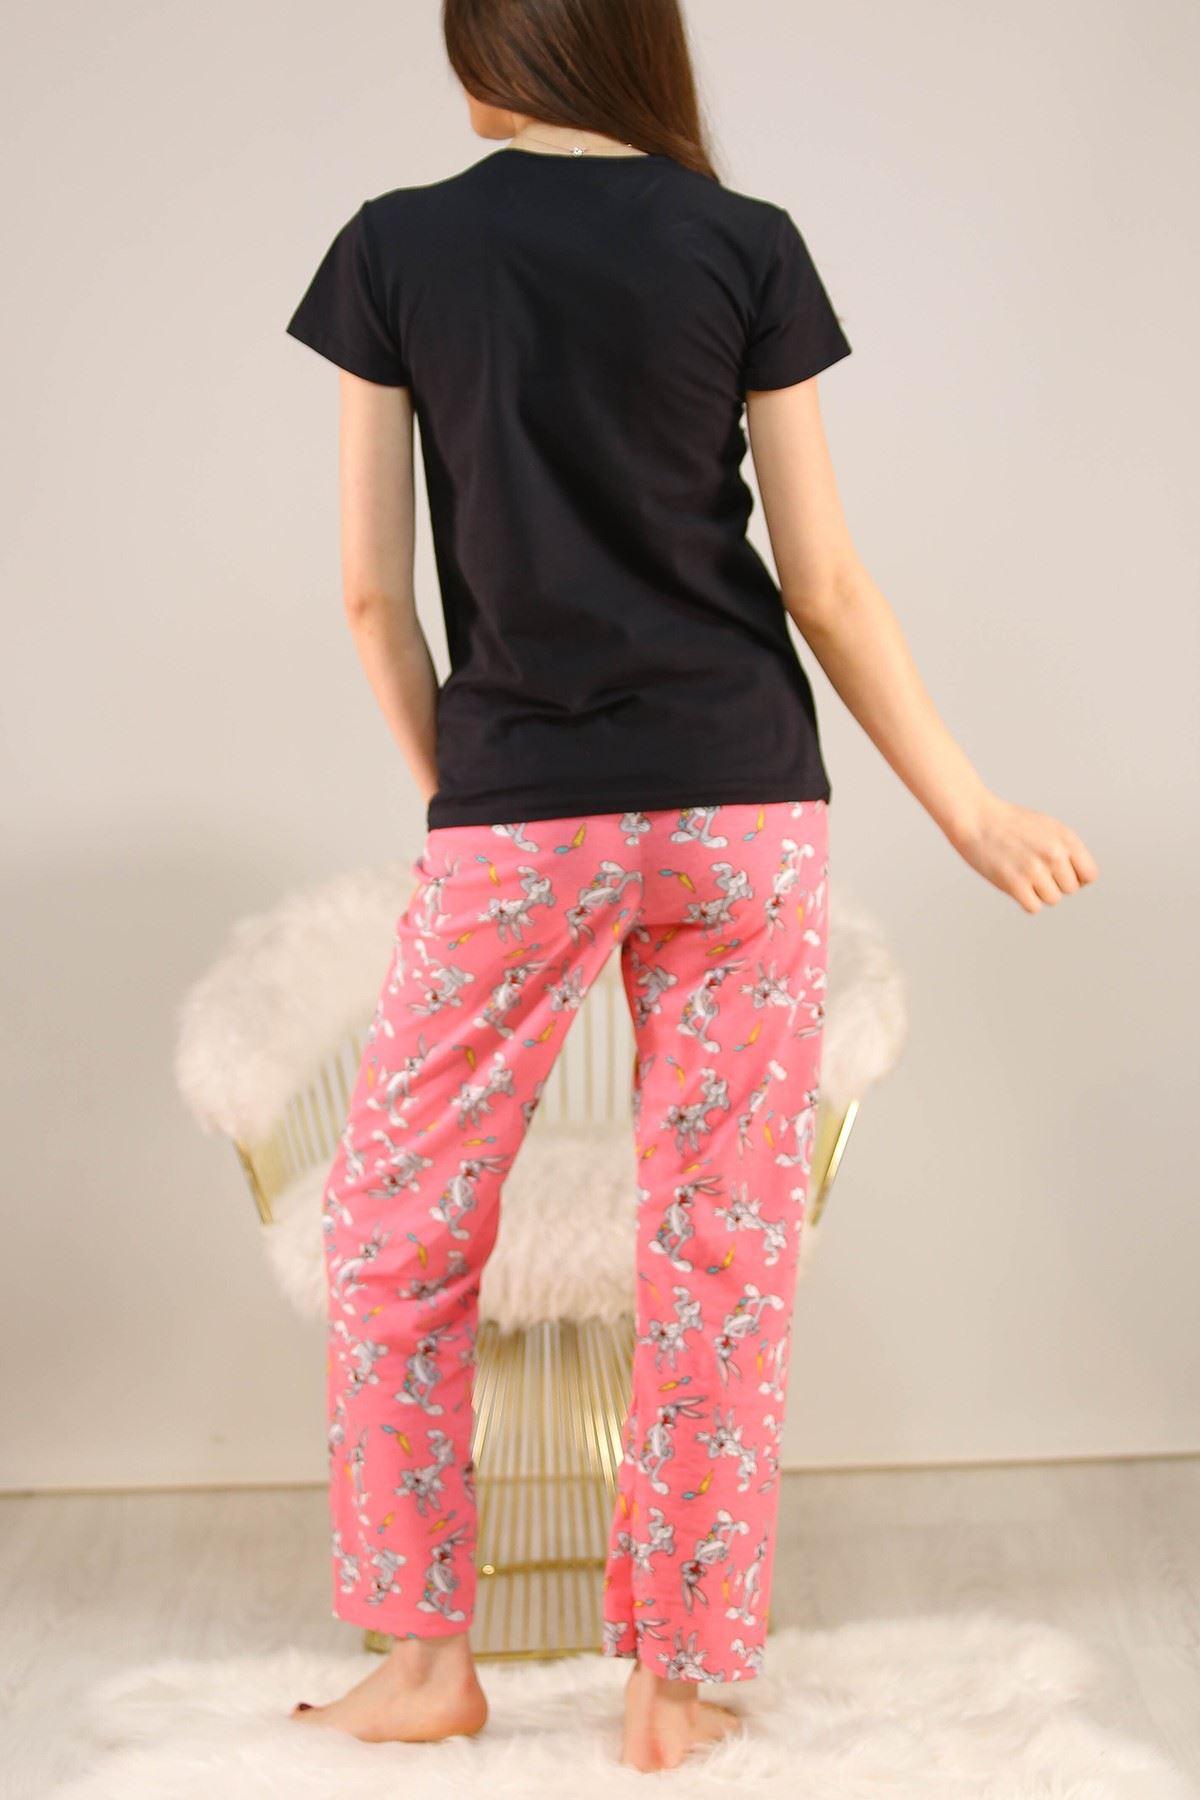 Baskılı Pijama Takımı Siyah - 5149.102.